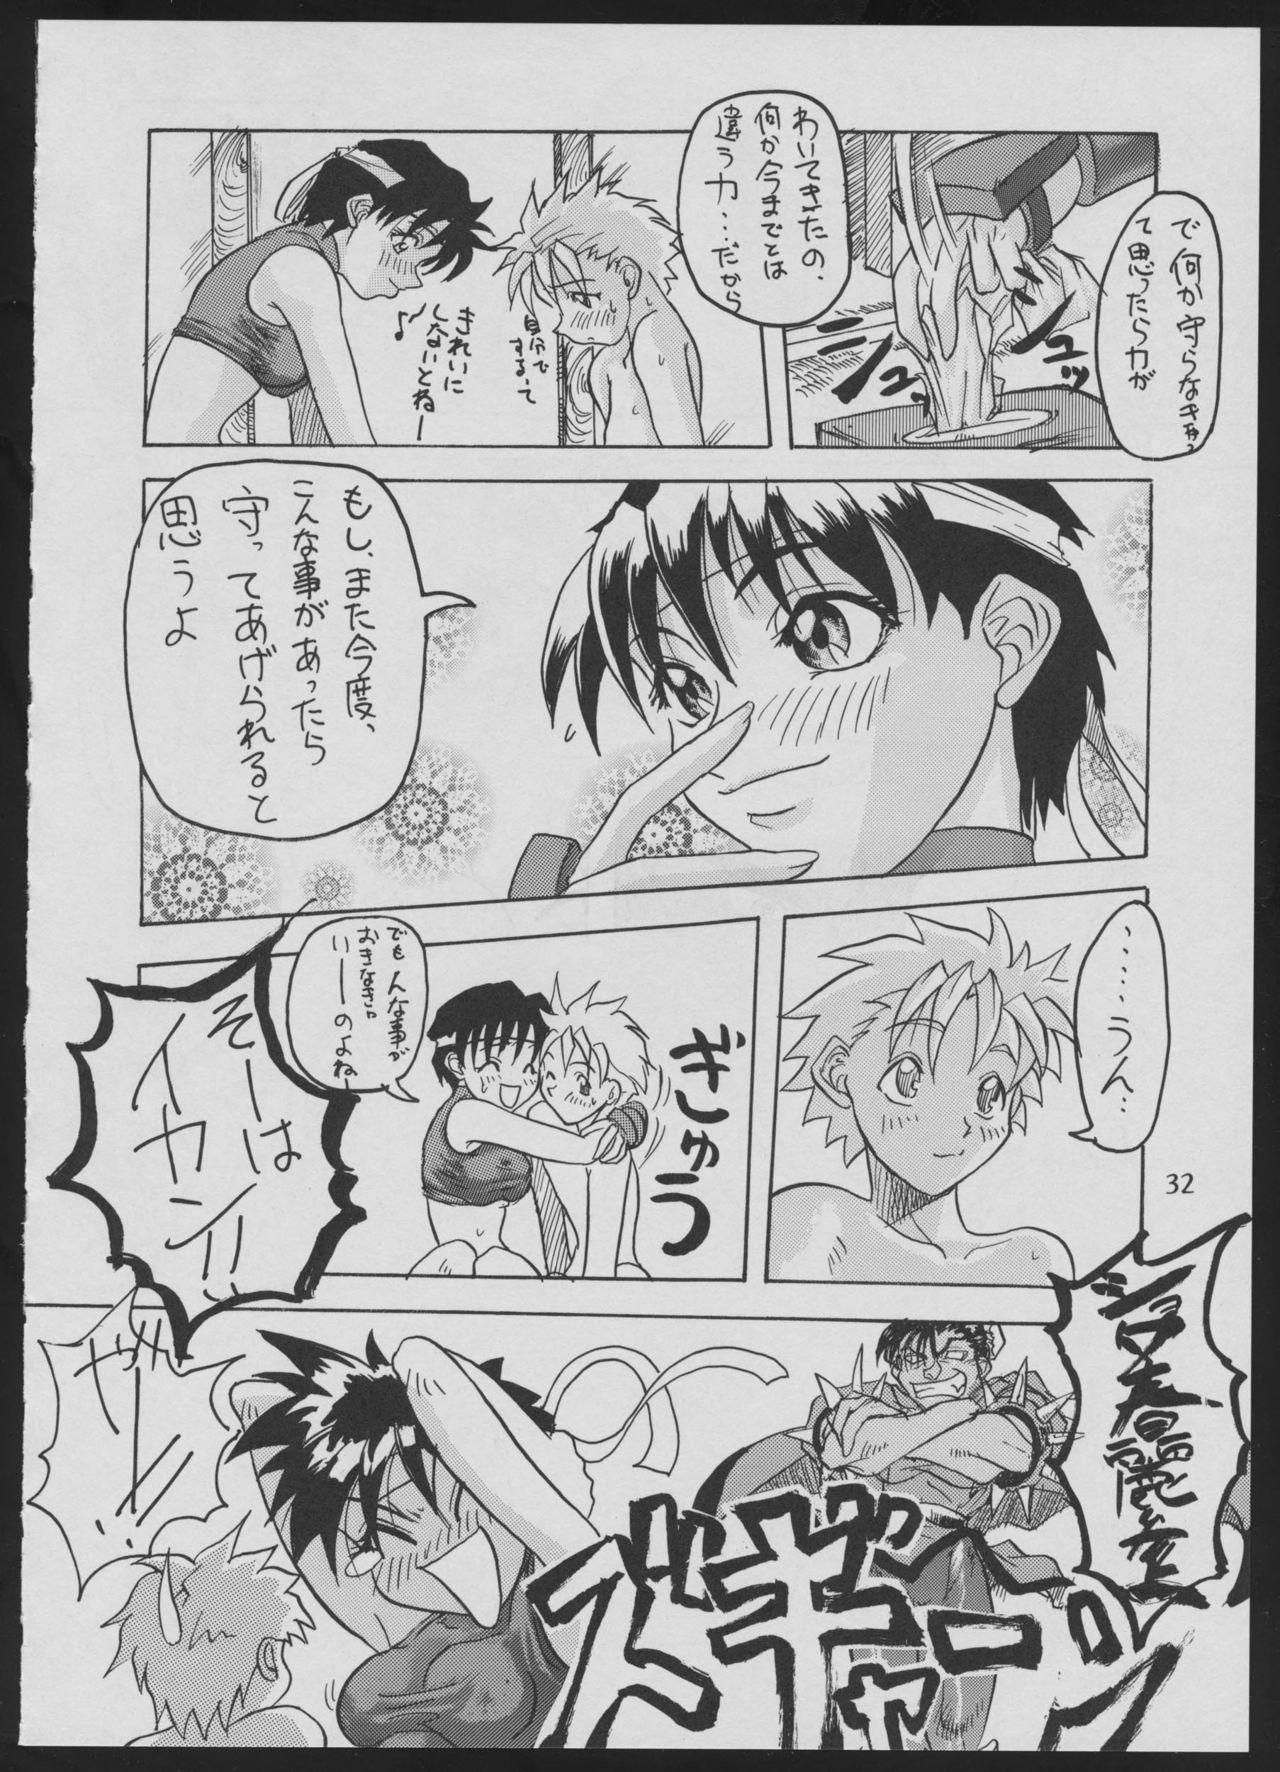 '96 Natsu no Game 18-kin Special 31